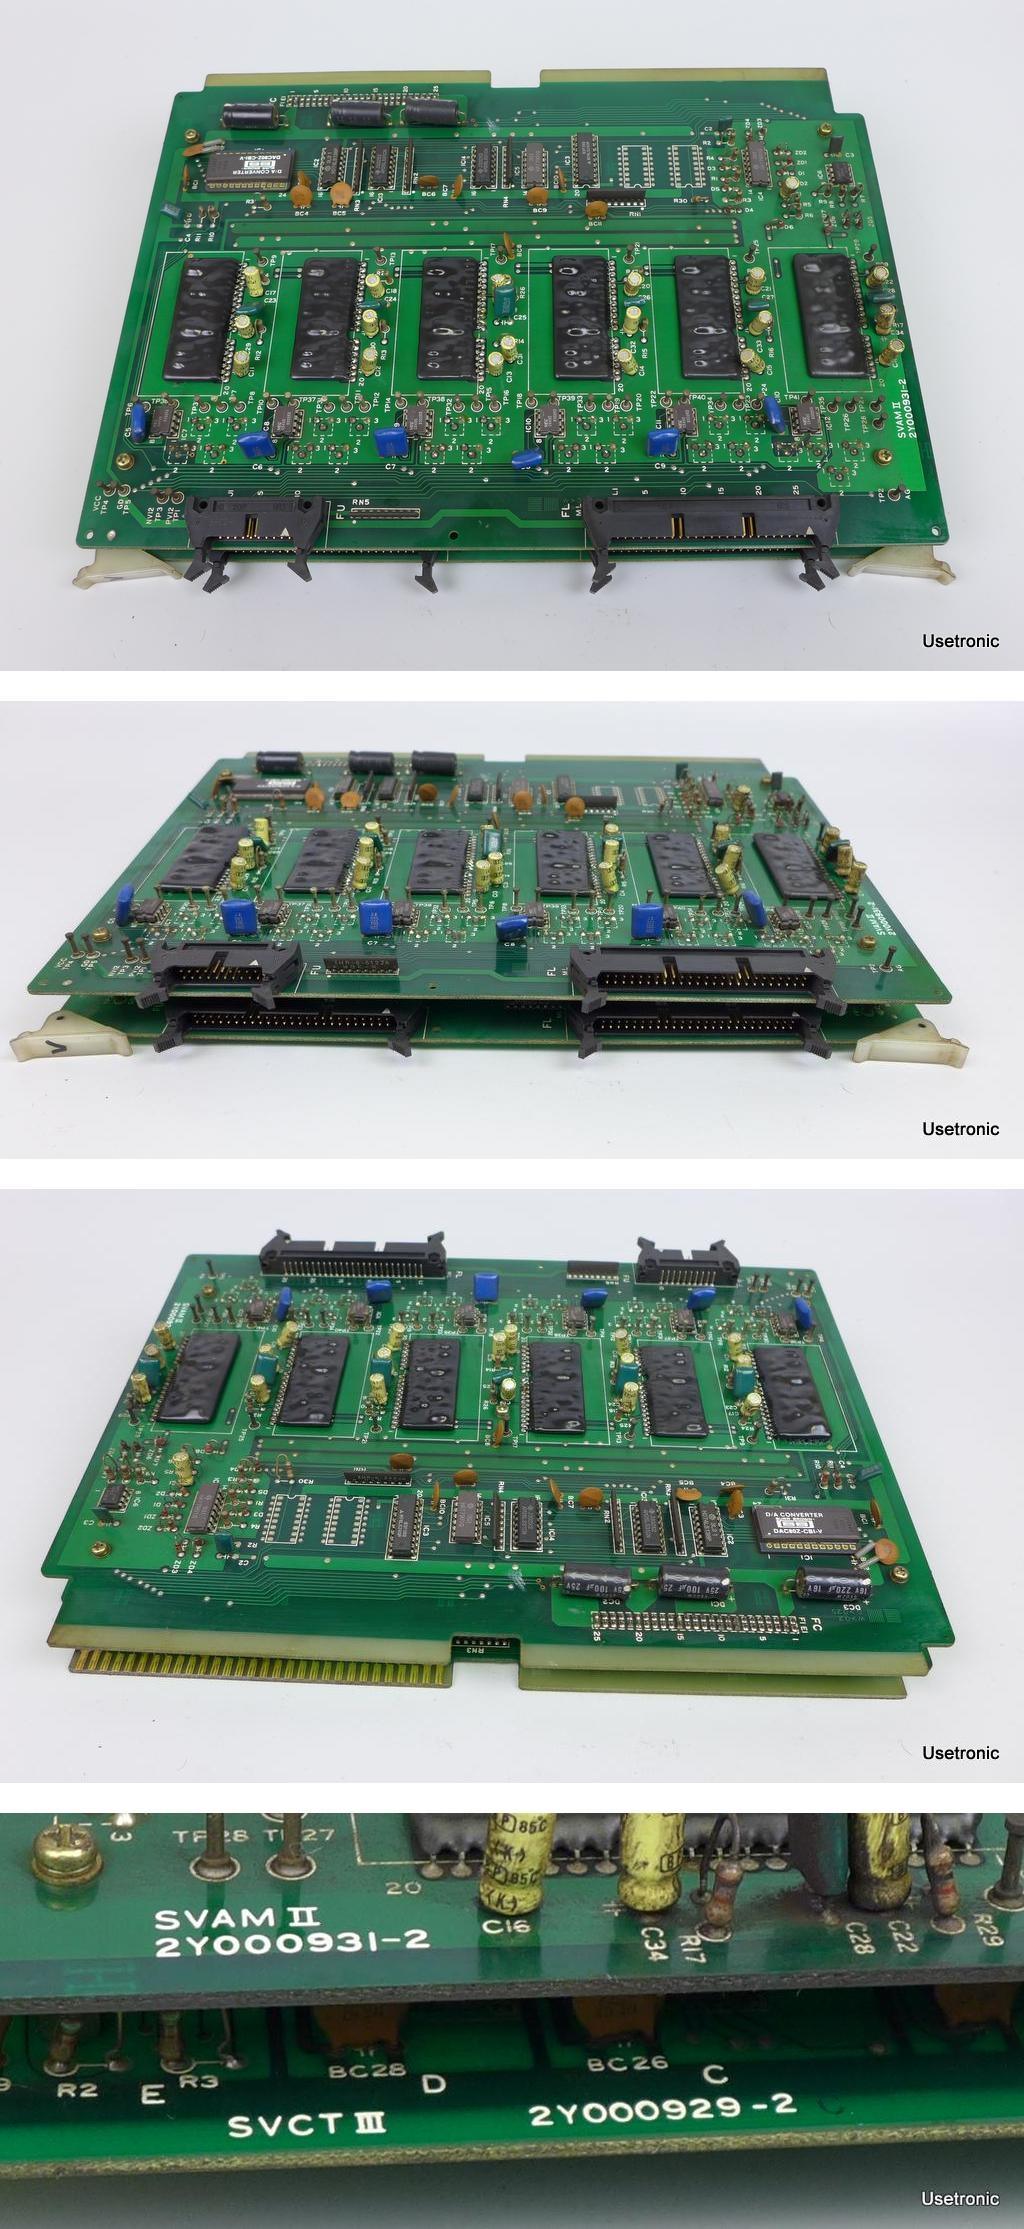 Hitachi SVAM II 2Y000931-2 SVCT III 2Y000929-2